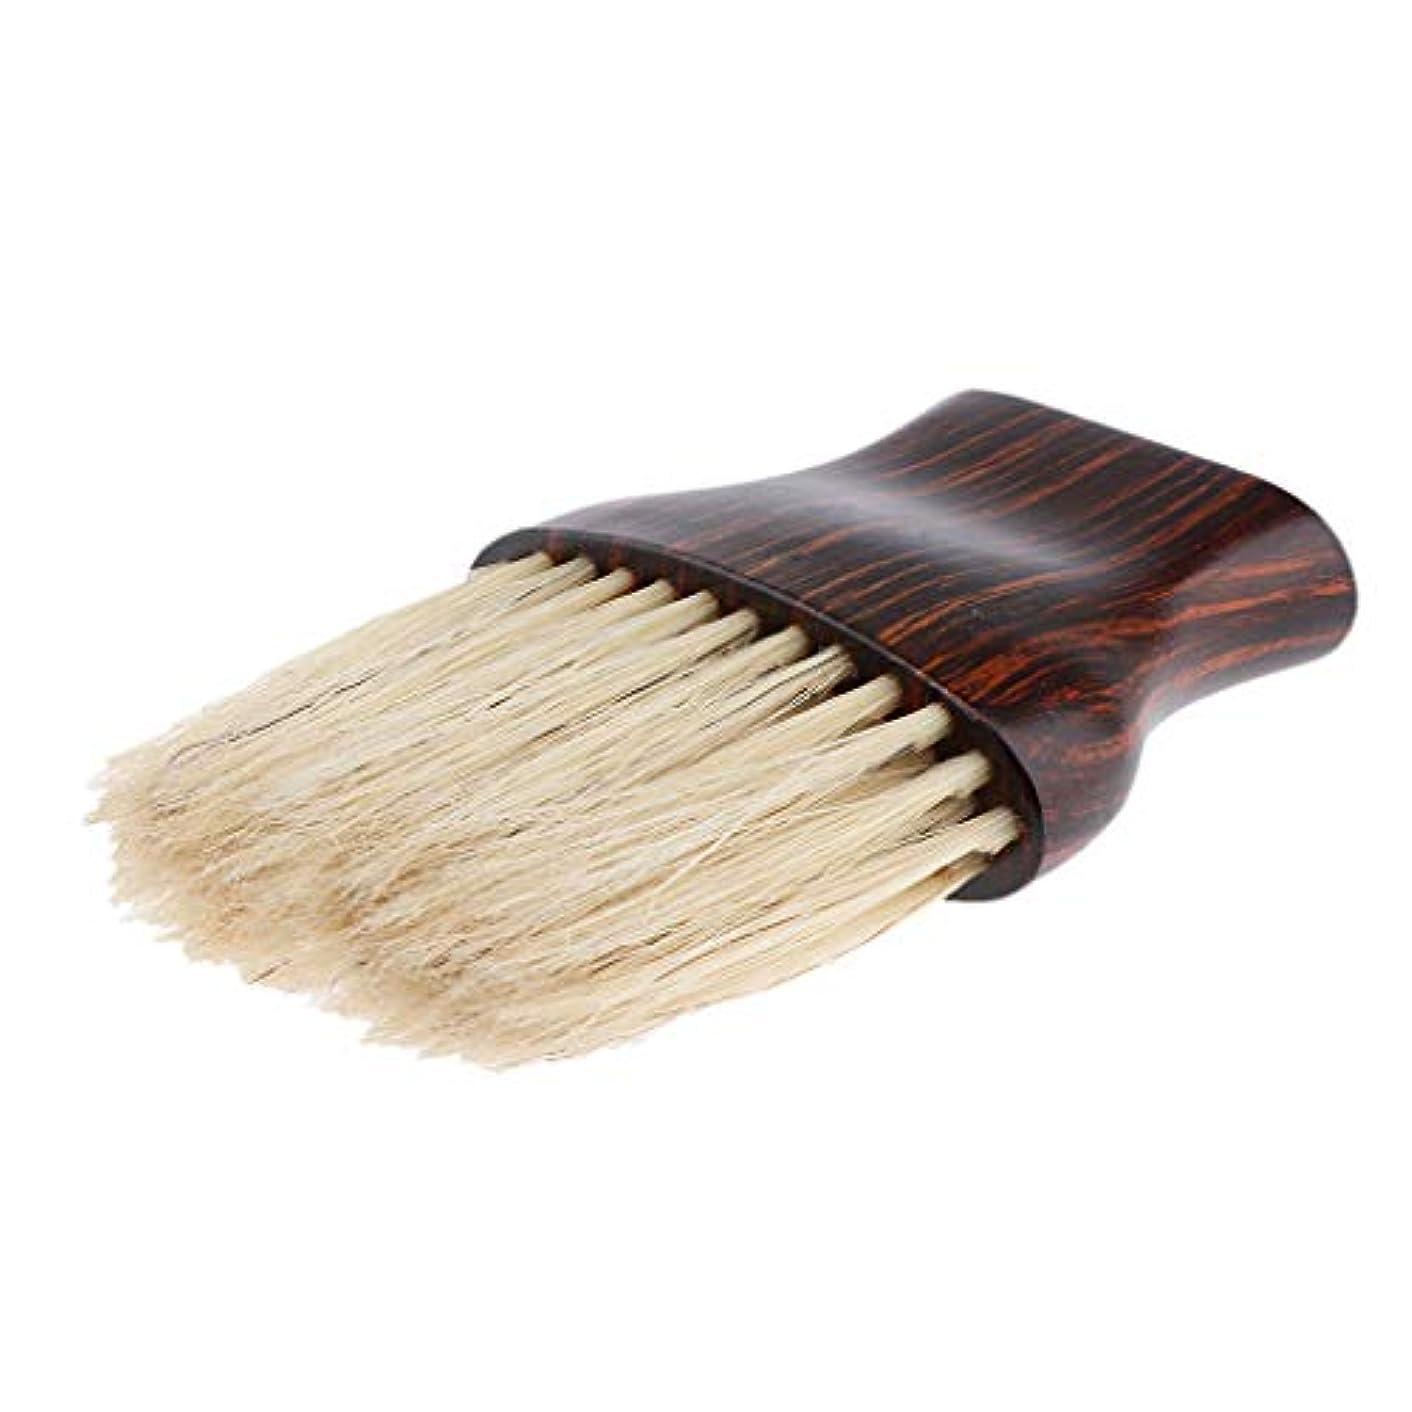 リズム発揮するくしゃくしゃToygogo ネックダスターブラシ ヘアカットブラシ クリーニング ブラシ 毛払いブラシ 散髪 髪切り